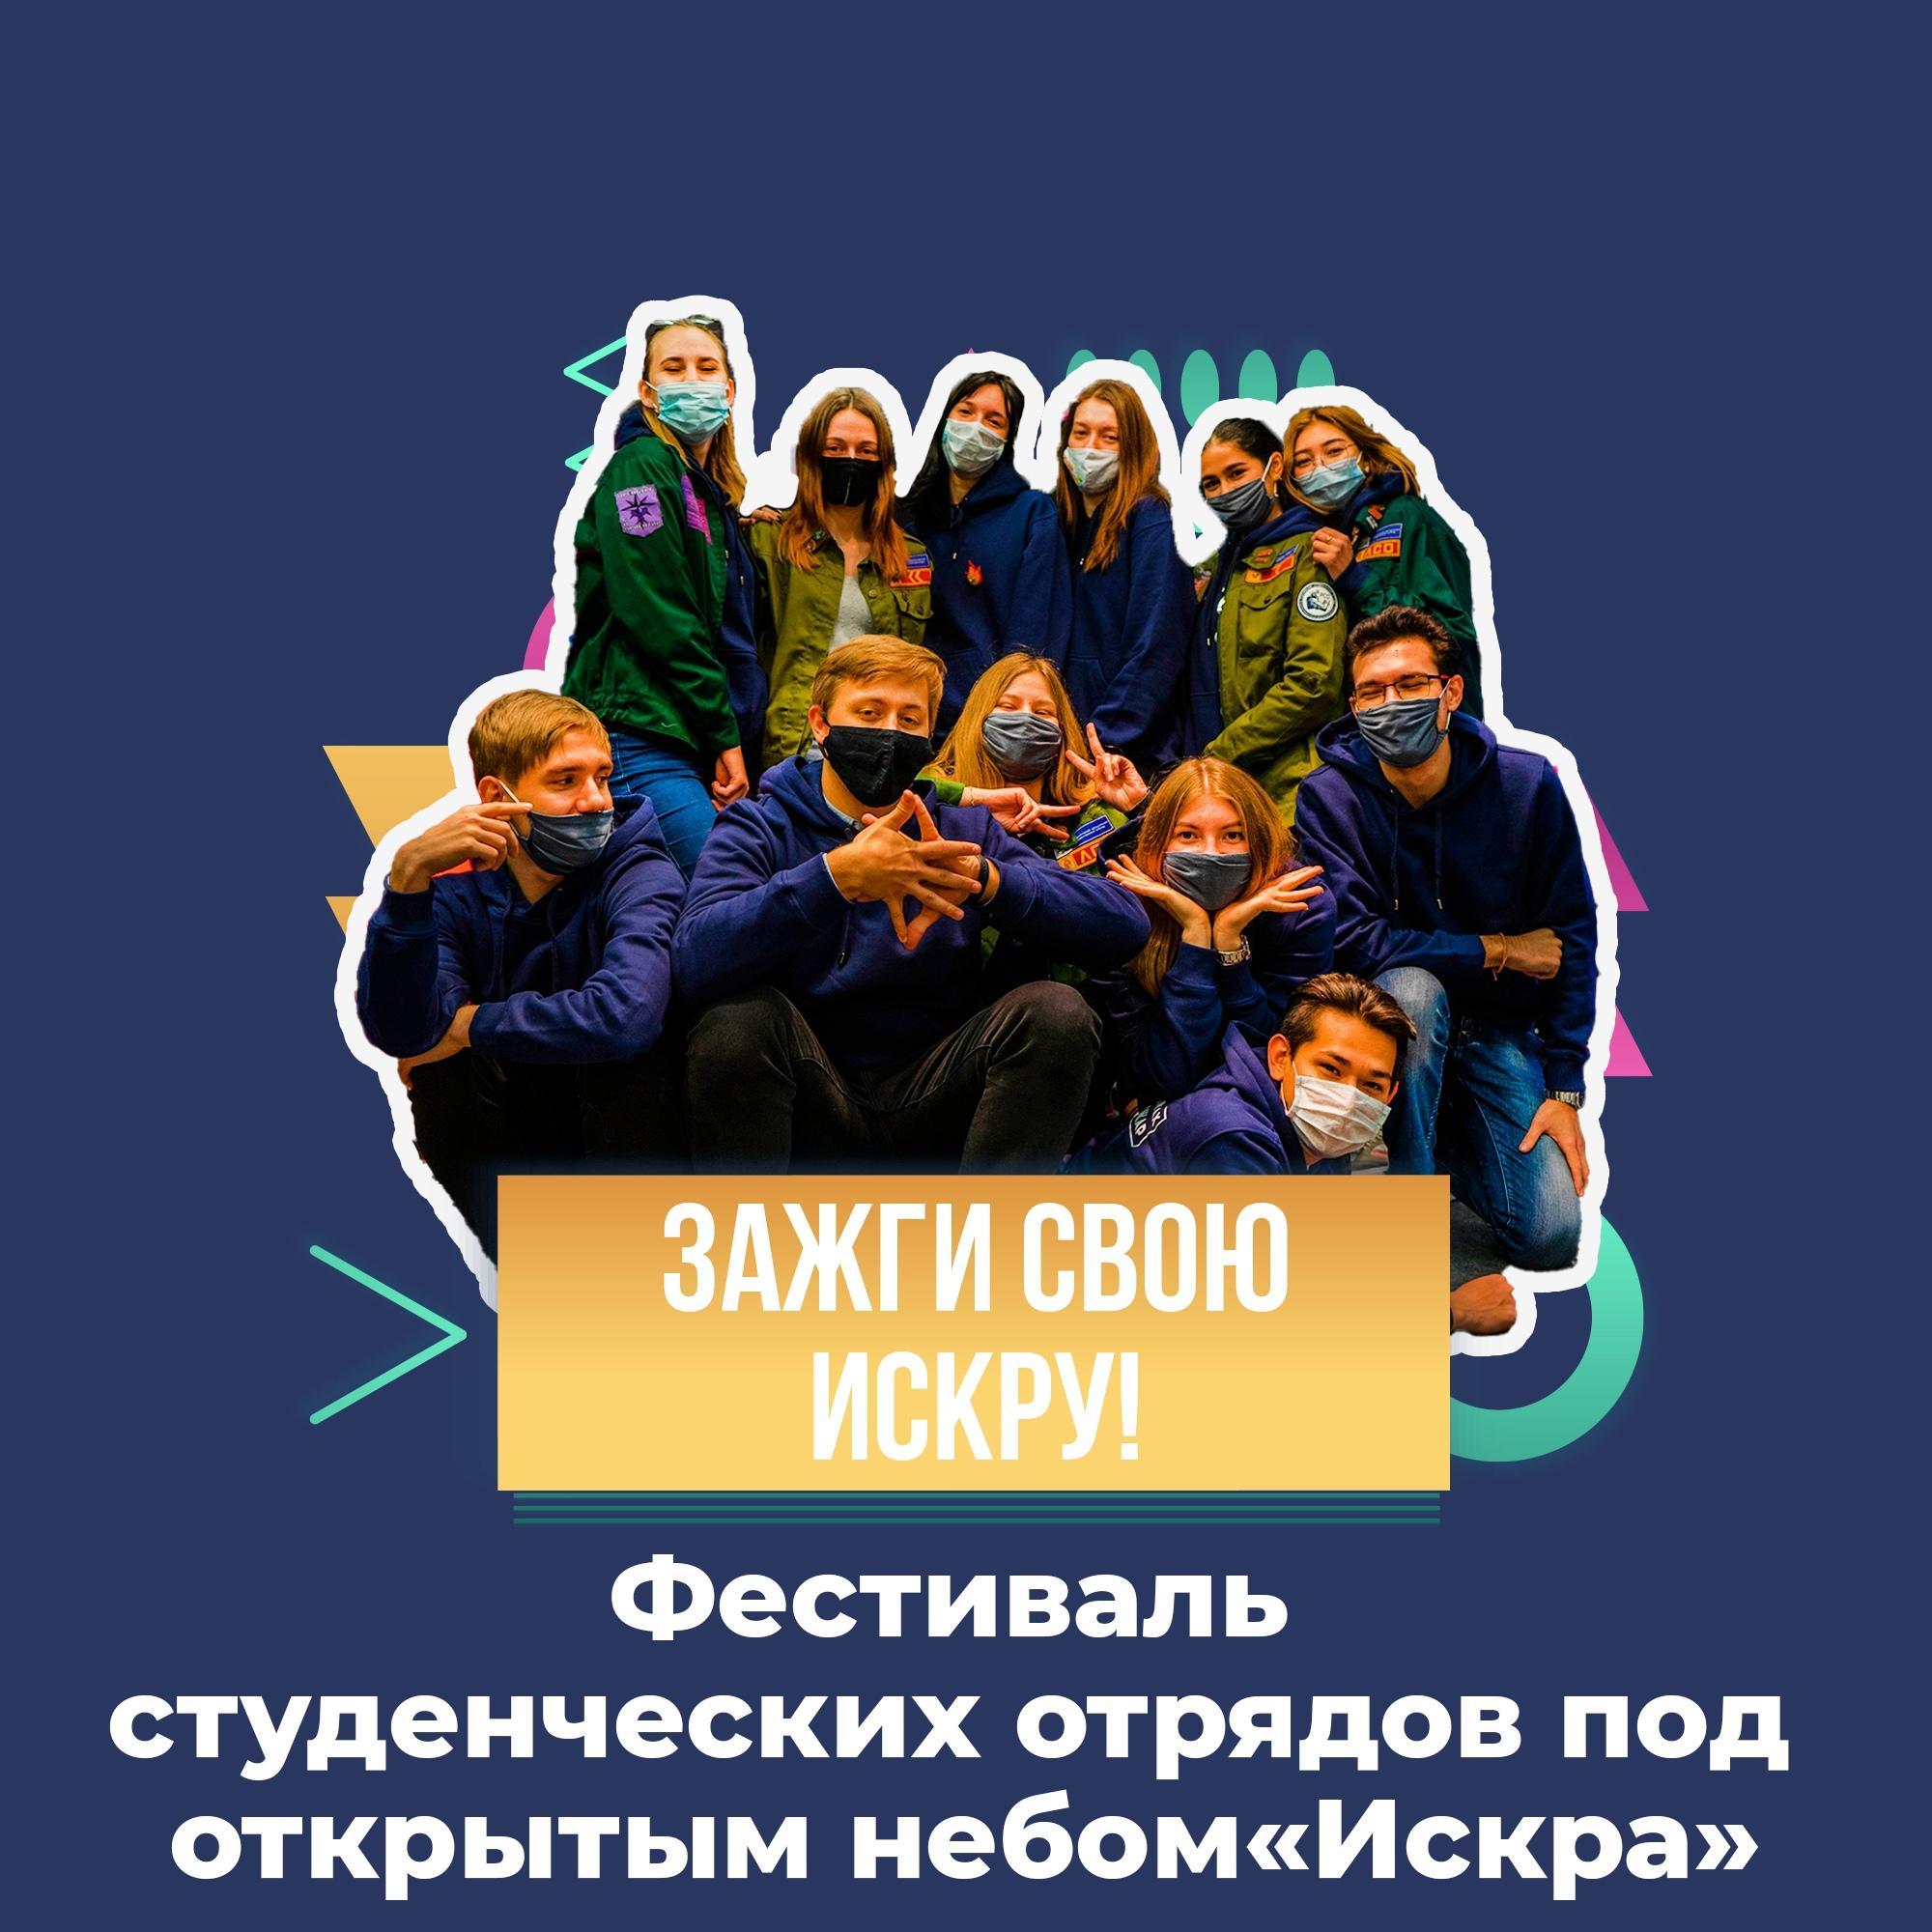 """Фестиваль студенческих отрядов под открытым небом """"Искра"""""""